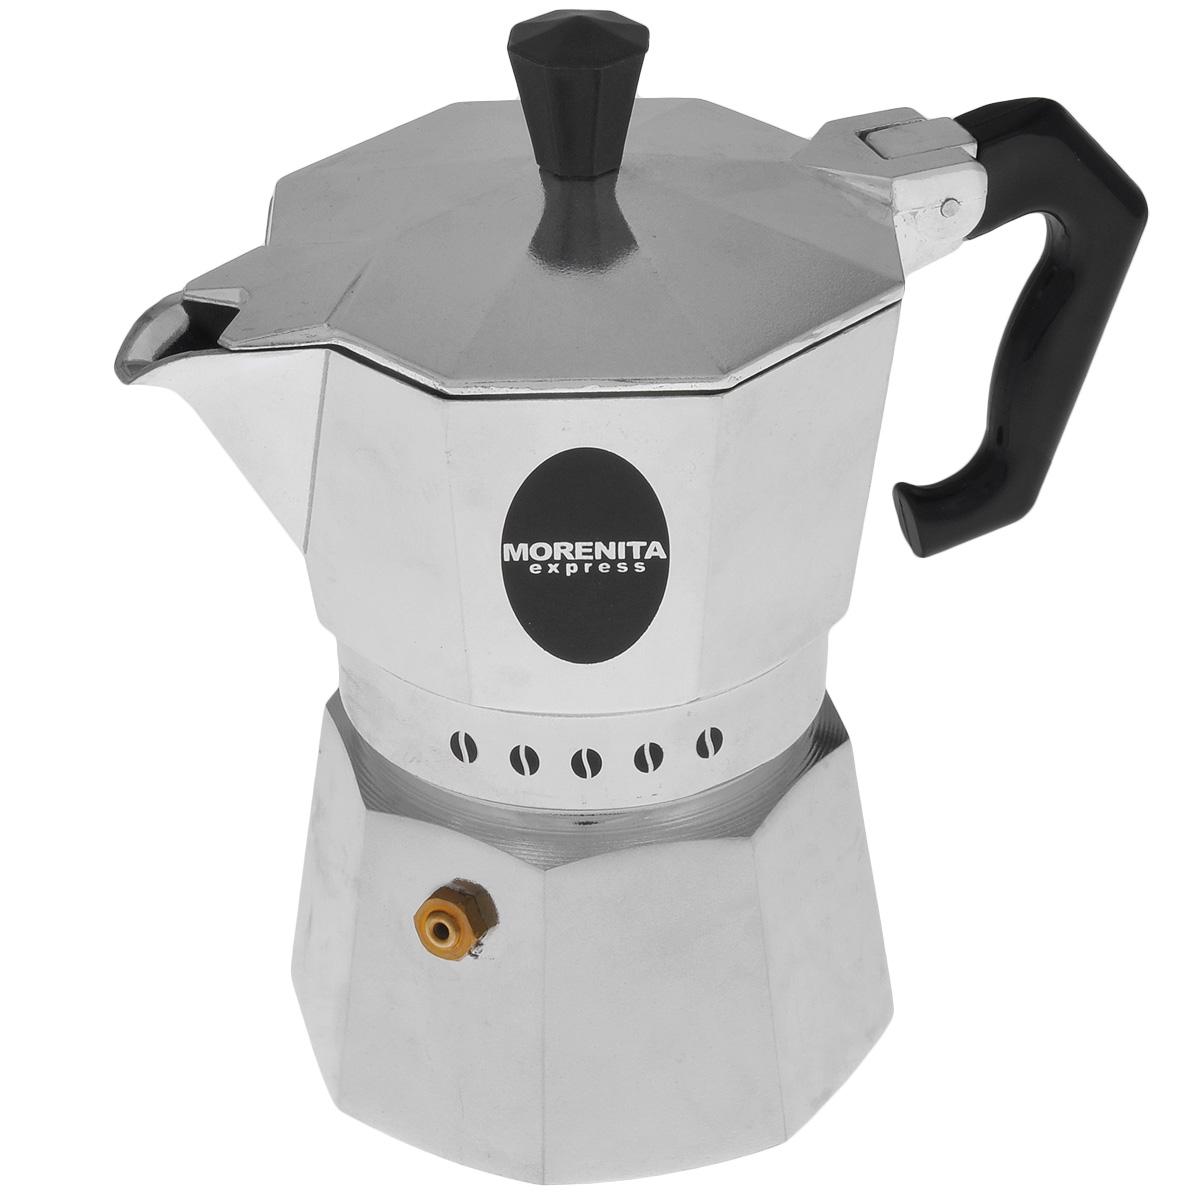 Кофеварка гейзерная Morenita Express, на 3 чашки, 200 мл68/5/4Компактная гейзерная кофеварка Morenita Express изготовлена из высококачественного алюминия. Объема кофе хватает на 3 чашки. Изделие оснащено удобной пластиковой ручкой.Принцип работы такой гейзерной кофеварки - кофе заваривается путем многократного прохождения горячей воды или пара через слой молотого кофе. Удобство кофеварки в том, что вся кофейная гуща остается во внутренней емкости. Гейзерные кофеварки пользуются большой популярностью благодаря изысканному аромату. Кофе получается крепкий и насыщенный. Теперь и дома вы сможете насладиться великолепным эспрессо. Подходит для газовых, электрических и стеклокерамических плит. Объем: 200 мл.